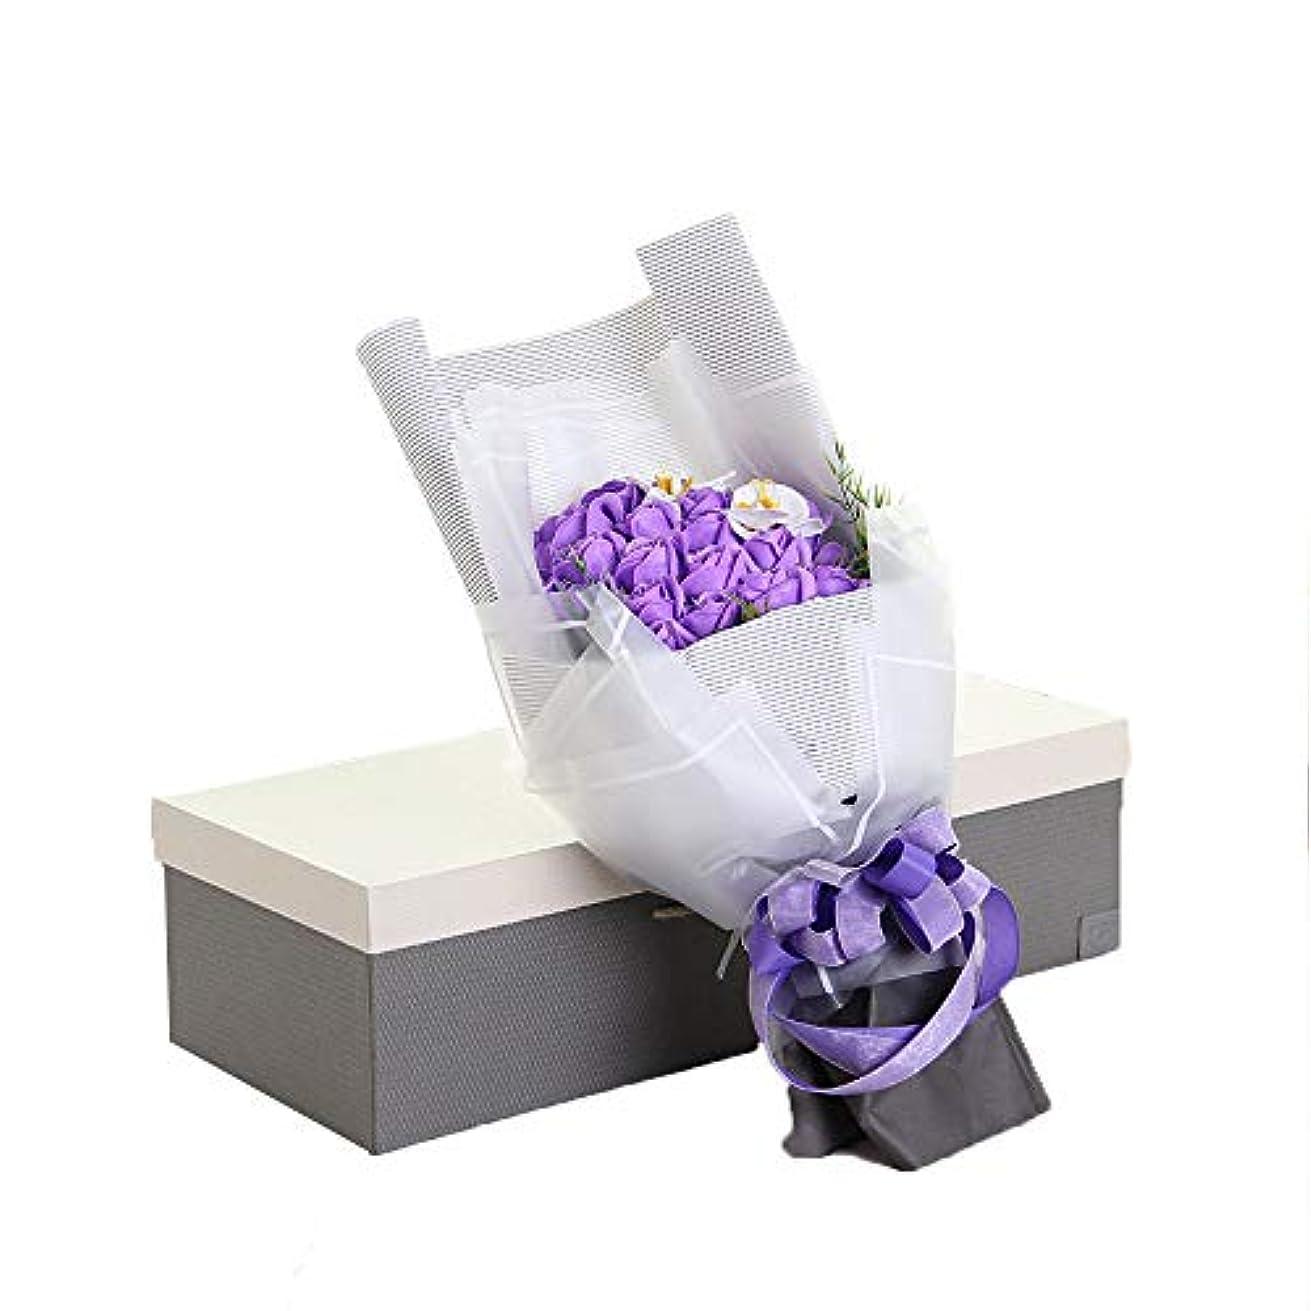 こっそり薬用み手作り29石鹸花の花束ギフトボックス、女性のためのギフトバレンタインデー、母の日、結婚式、クリスマス、誕生日(ベアカラーランダム) (色 : 紫の)